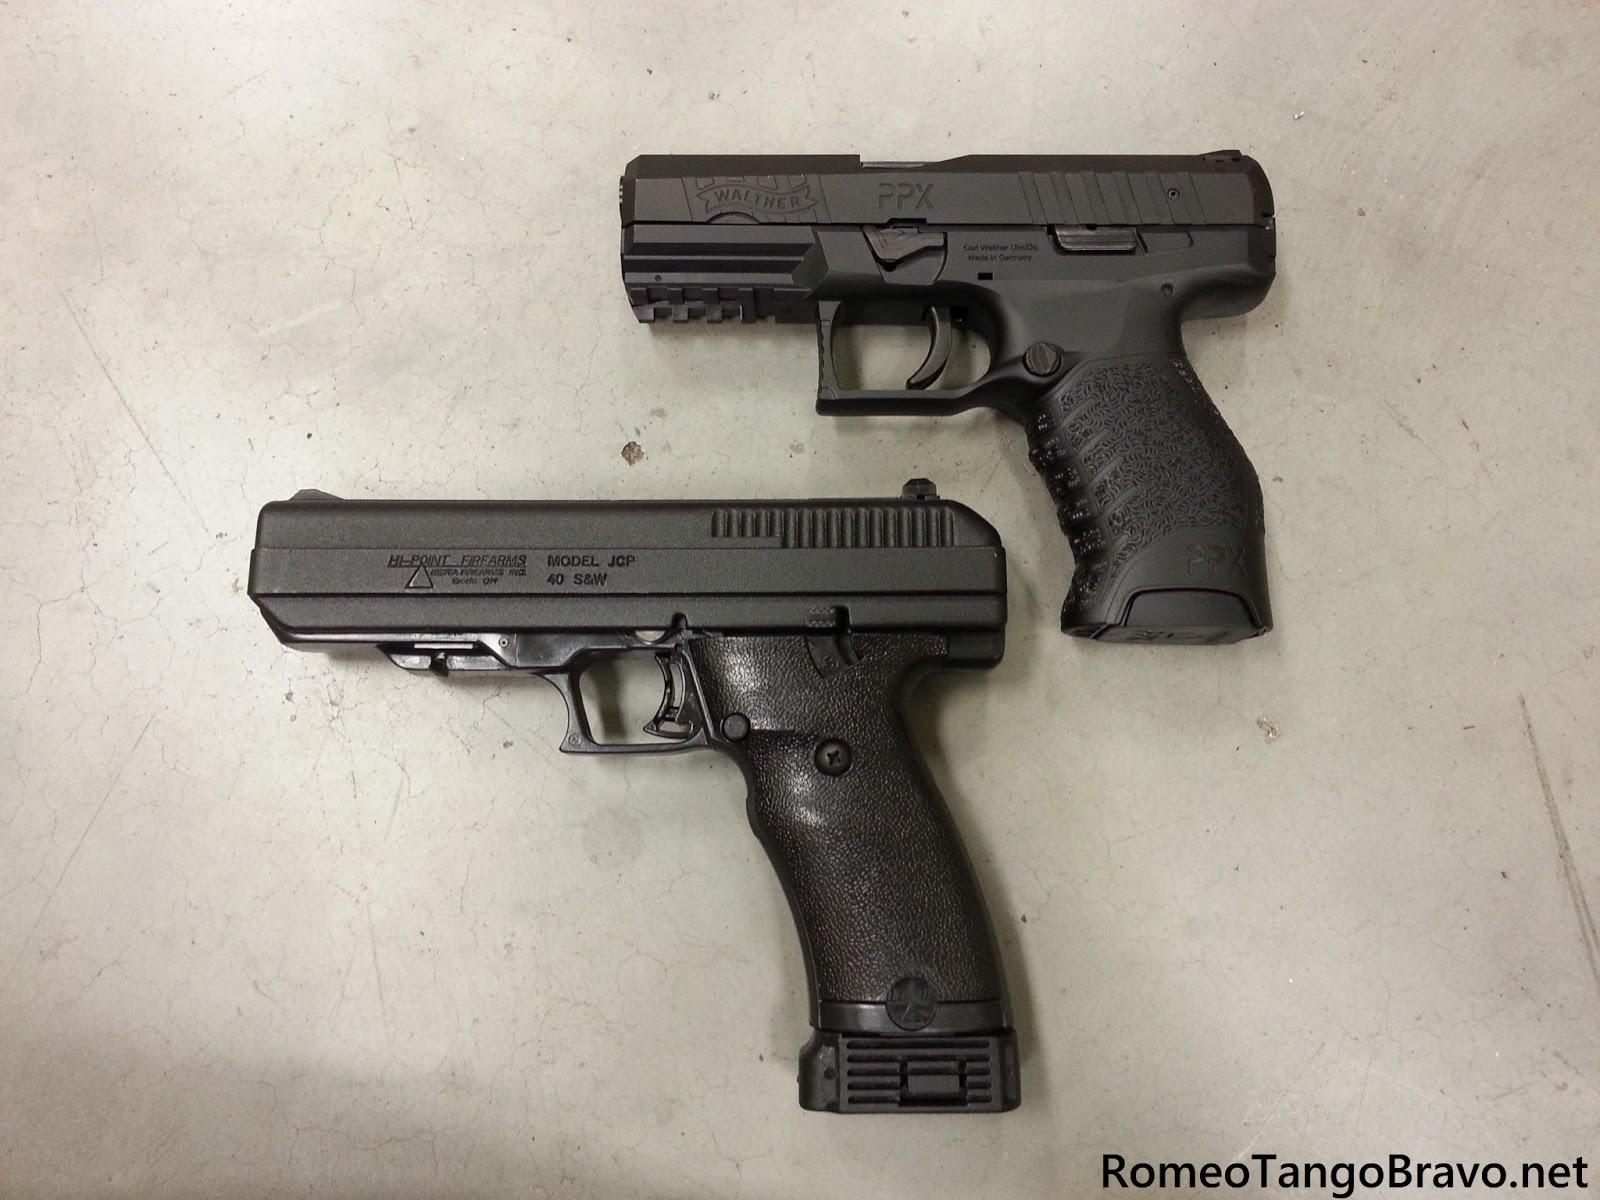 Romeotangobravo Walther Ppx Vs Hi Point Jcp Photo Comparison